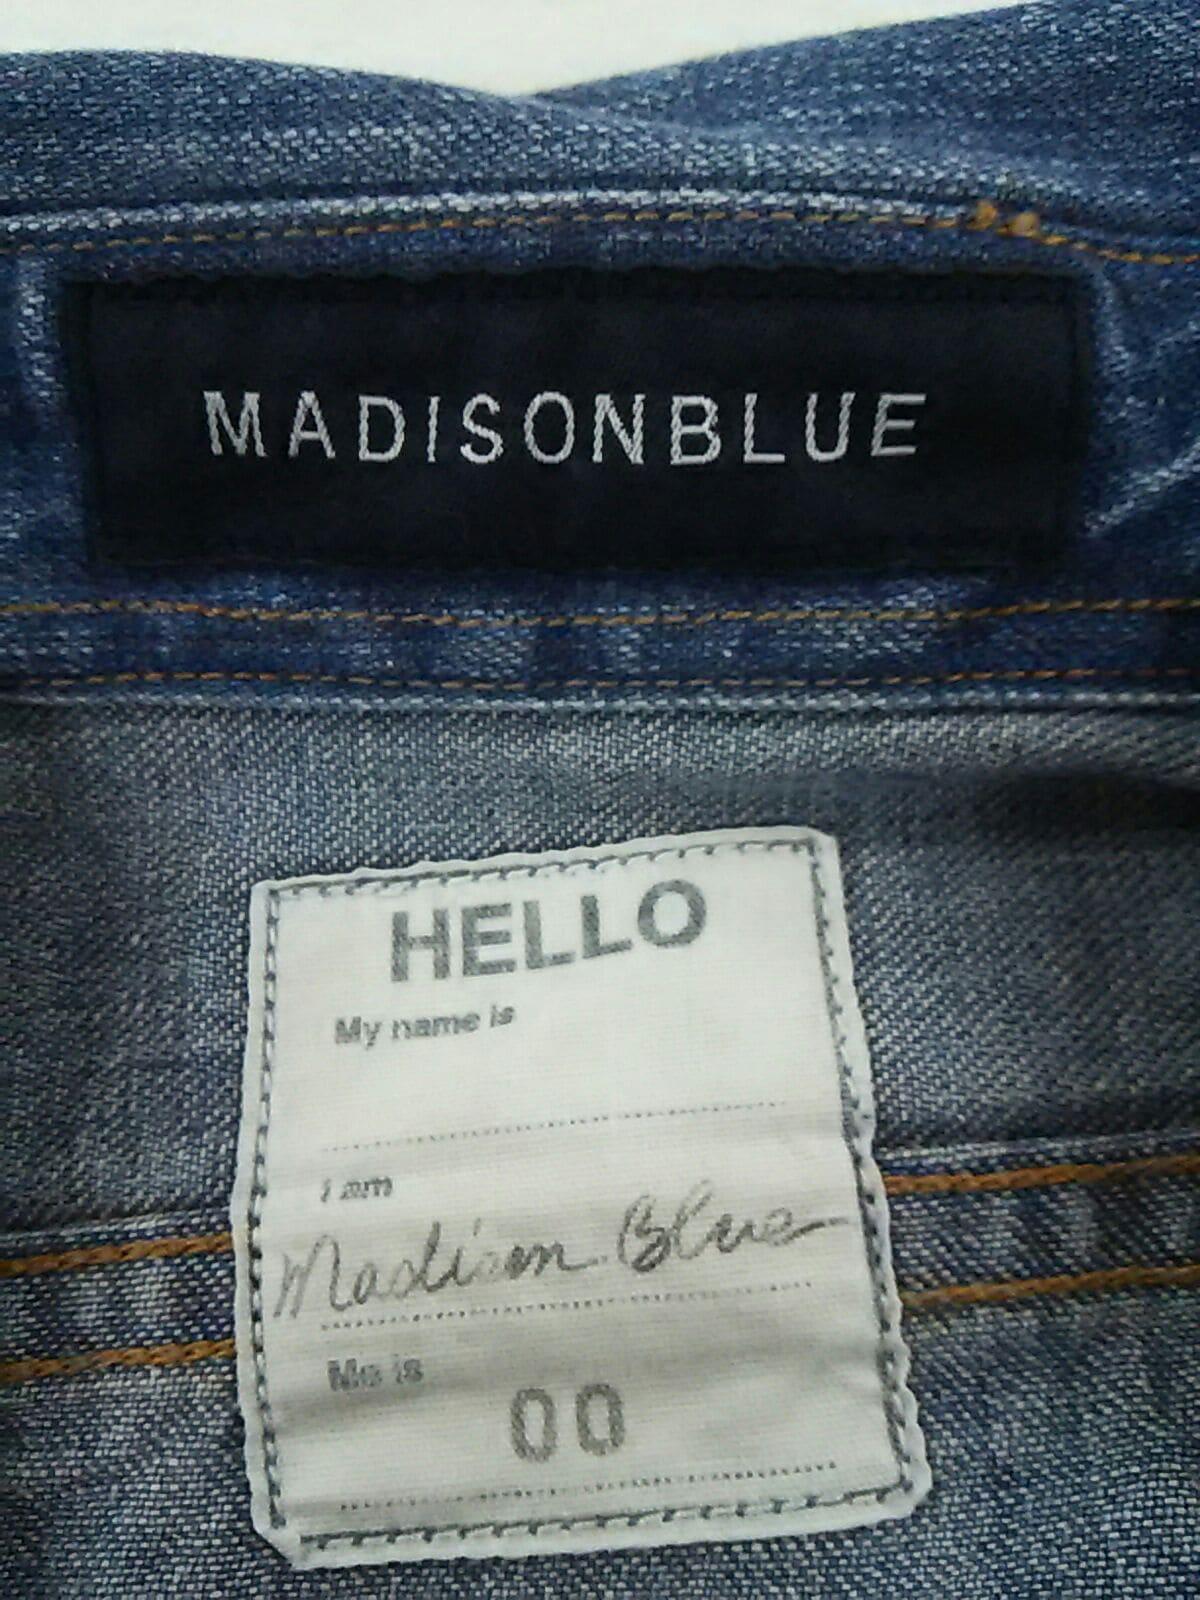 MADISON BLUE(マディソンブルー)のワンピース